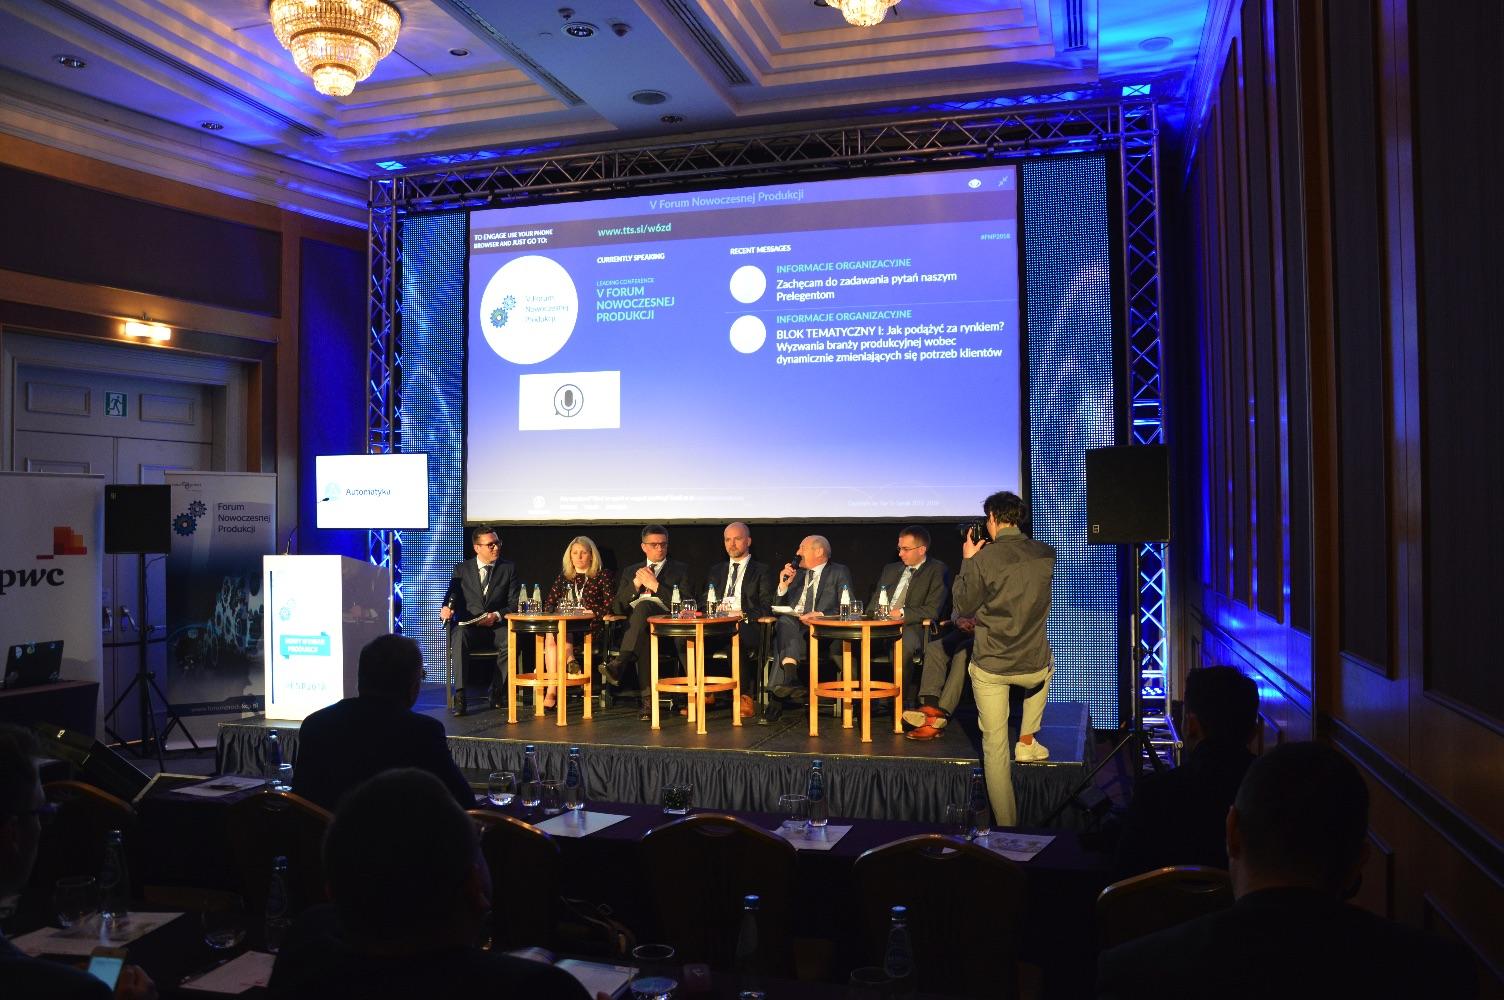 Forum Nowoczesnej Produkcji 2018 debata